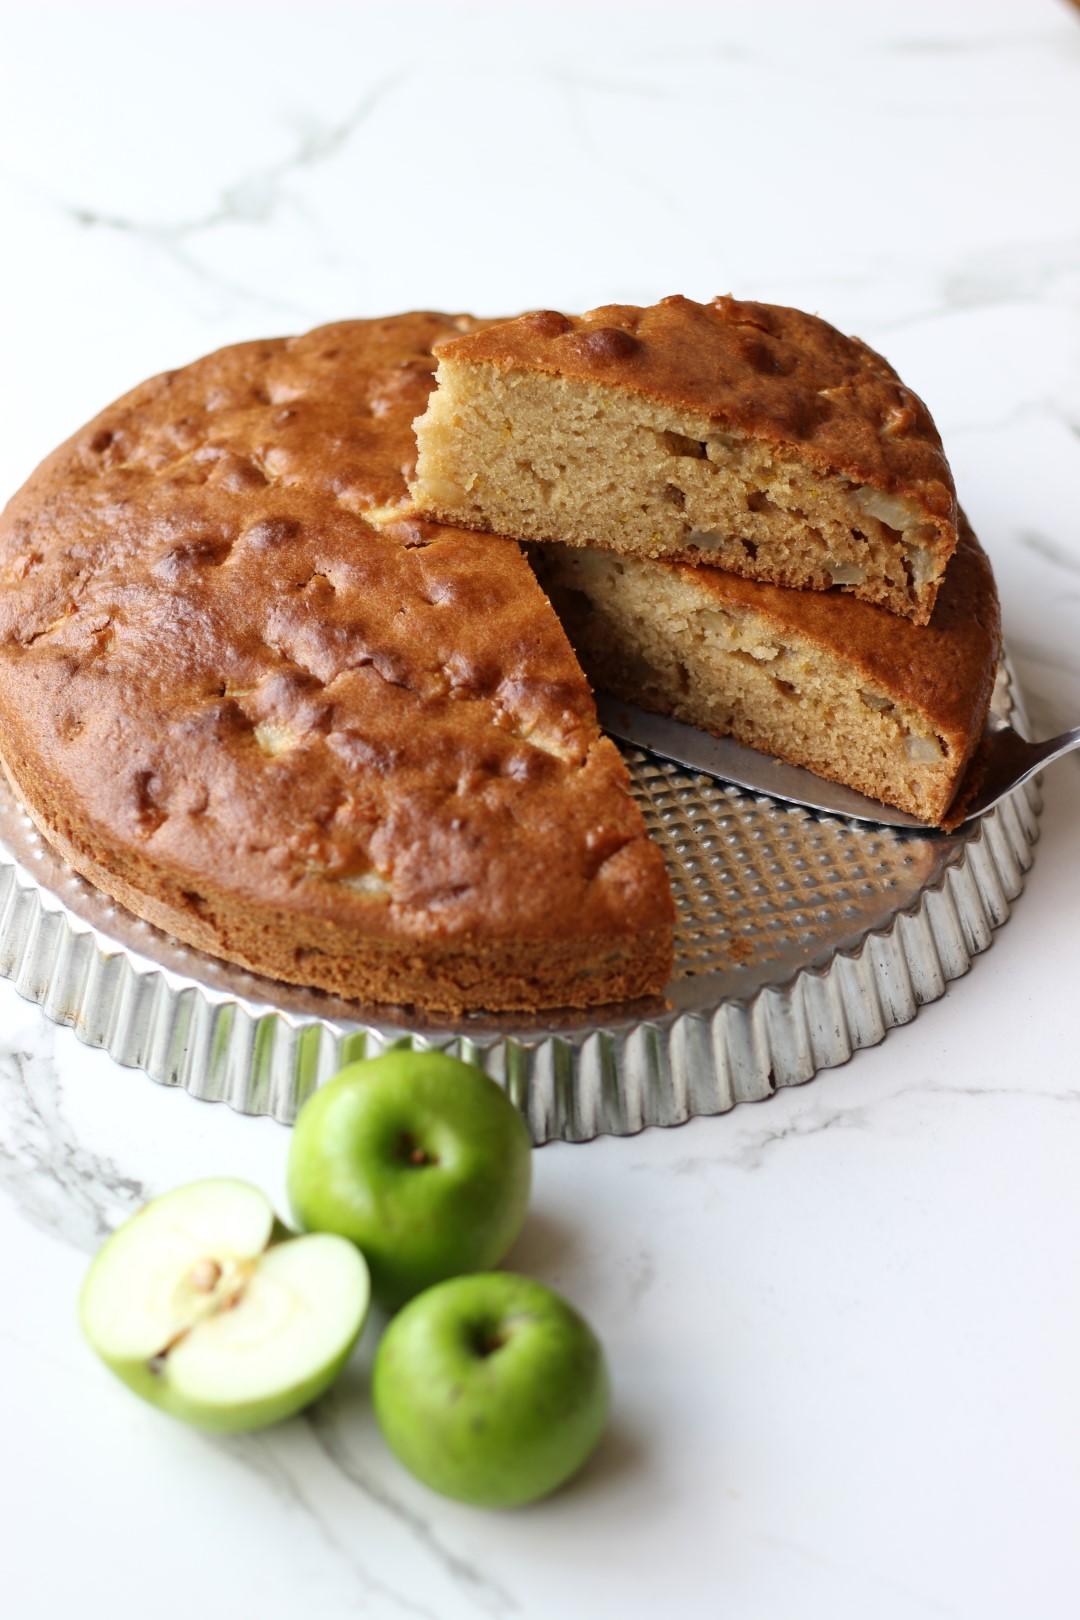 torta simple fácil de manzana, recetas de cocina, meriendas colegio, meriendas escolares, fruta